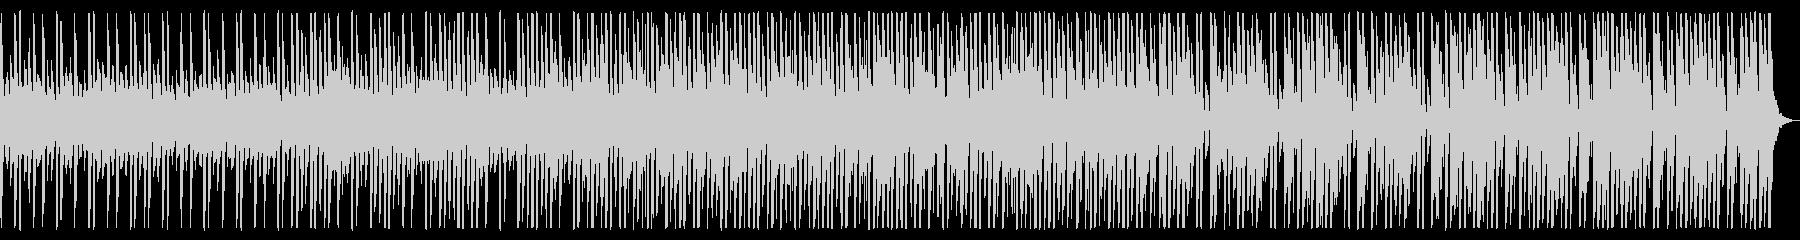 レトロ/アーバン/R&B_No463_2の未再生の波形